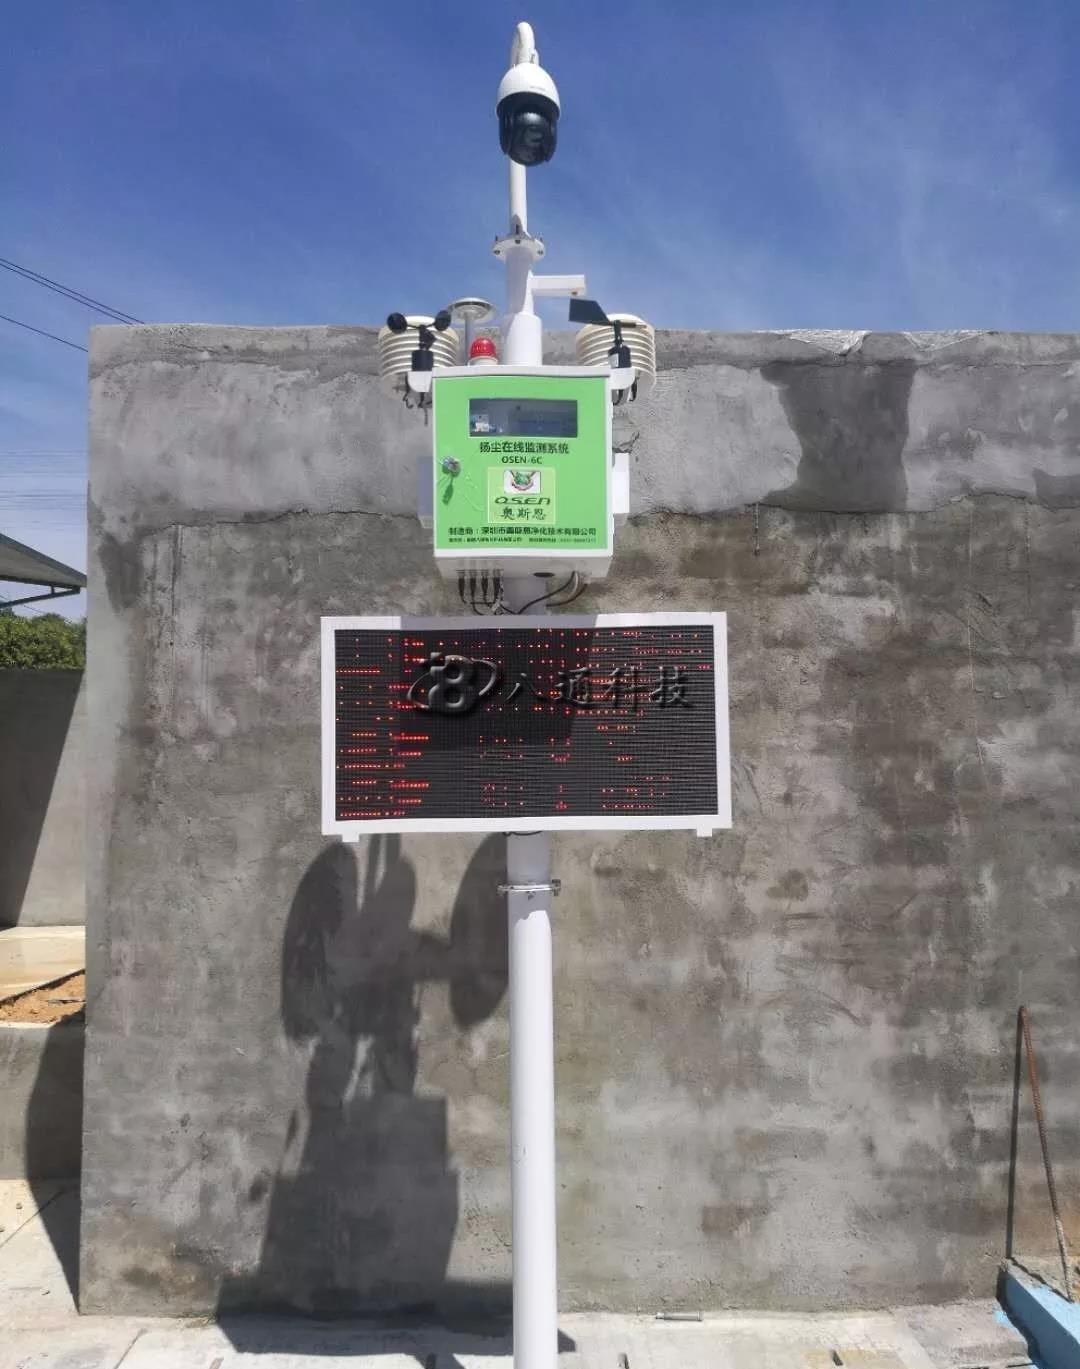 工地施工在线扬尘空气监测系统